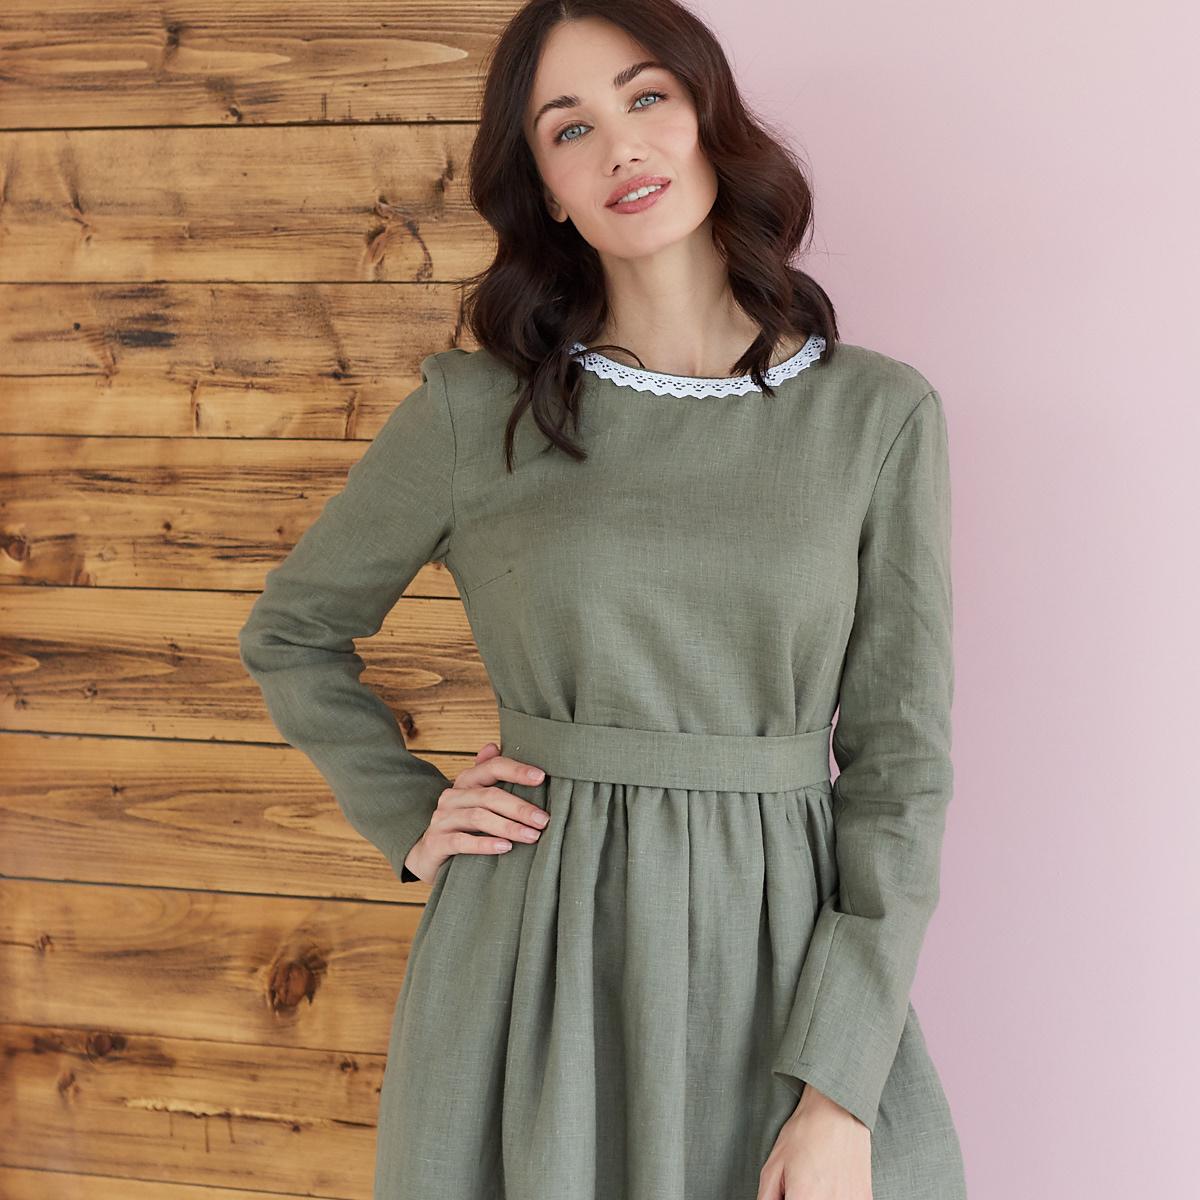 Платье женское льняное с хлопковым кружевом оливкового цвета - фото 3